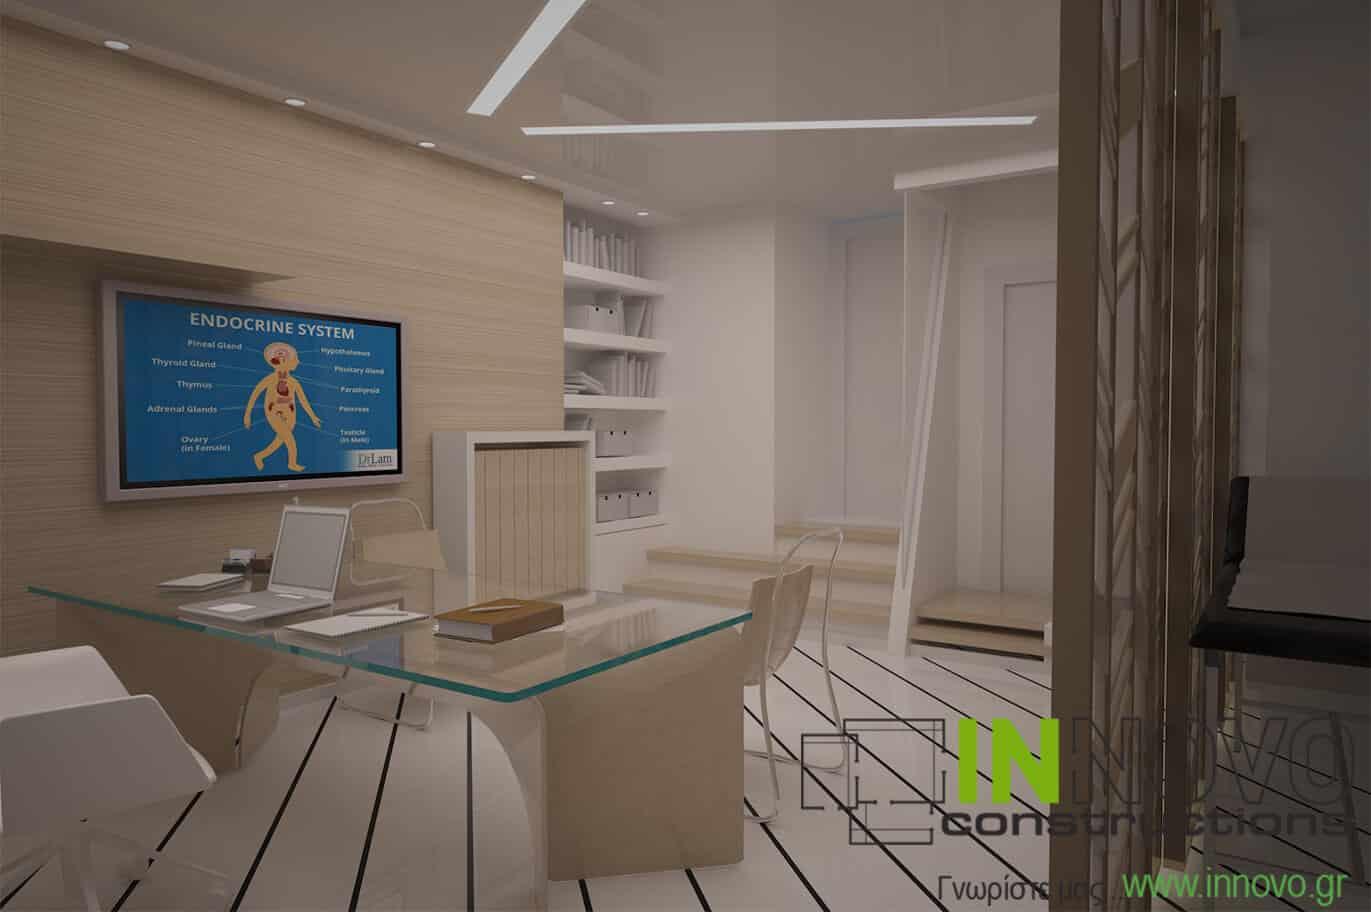 Σχεδιασμός εξοπλισμού Ενδοκρινολογικού ιατρείου στη Ναύπακτο